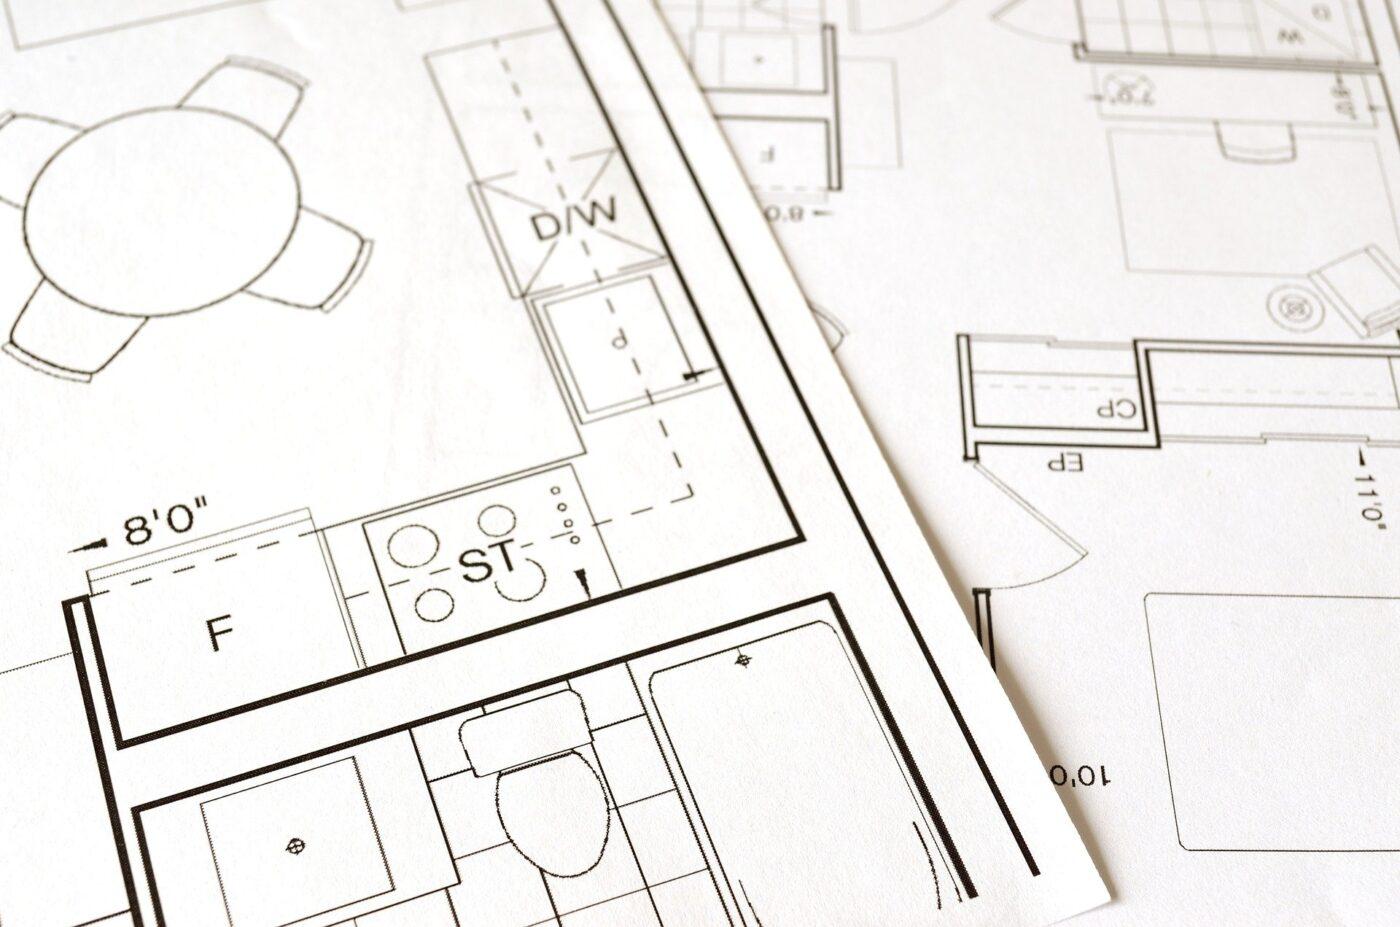 reformar local a vivienda